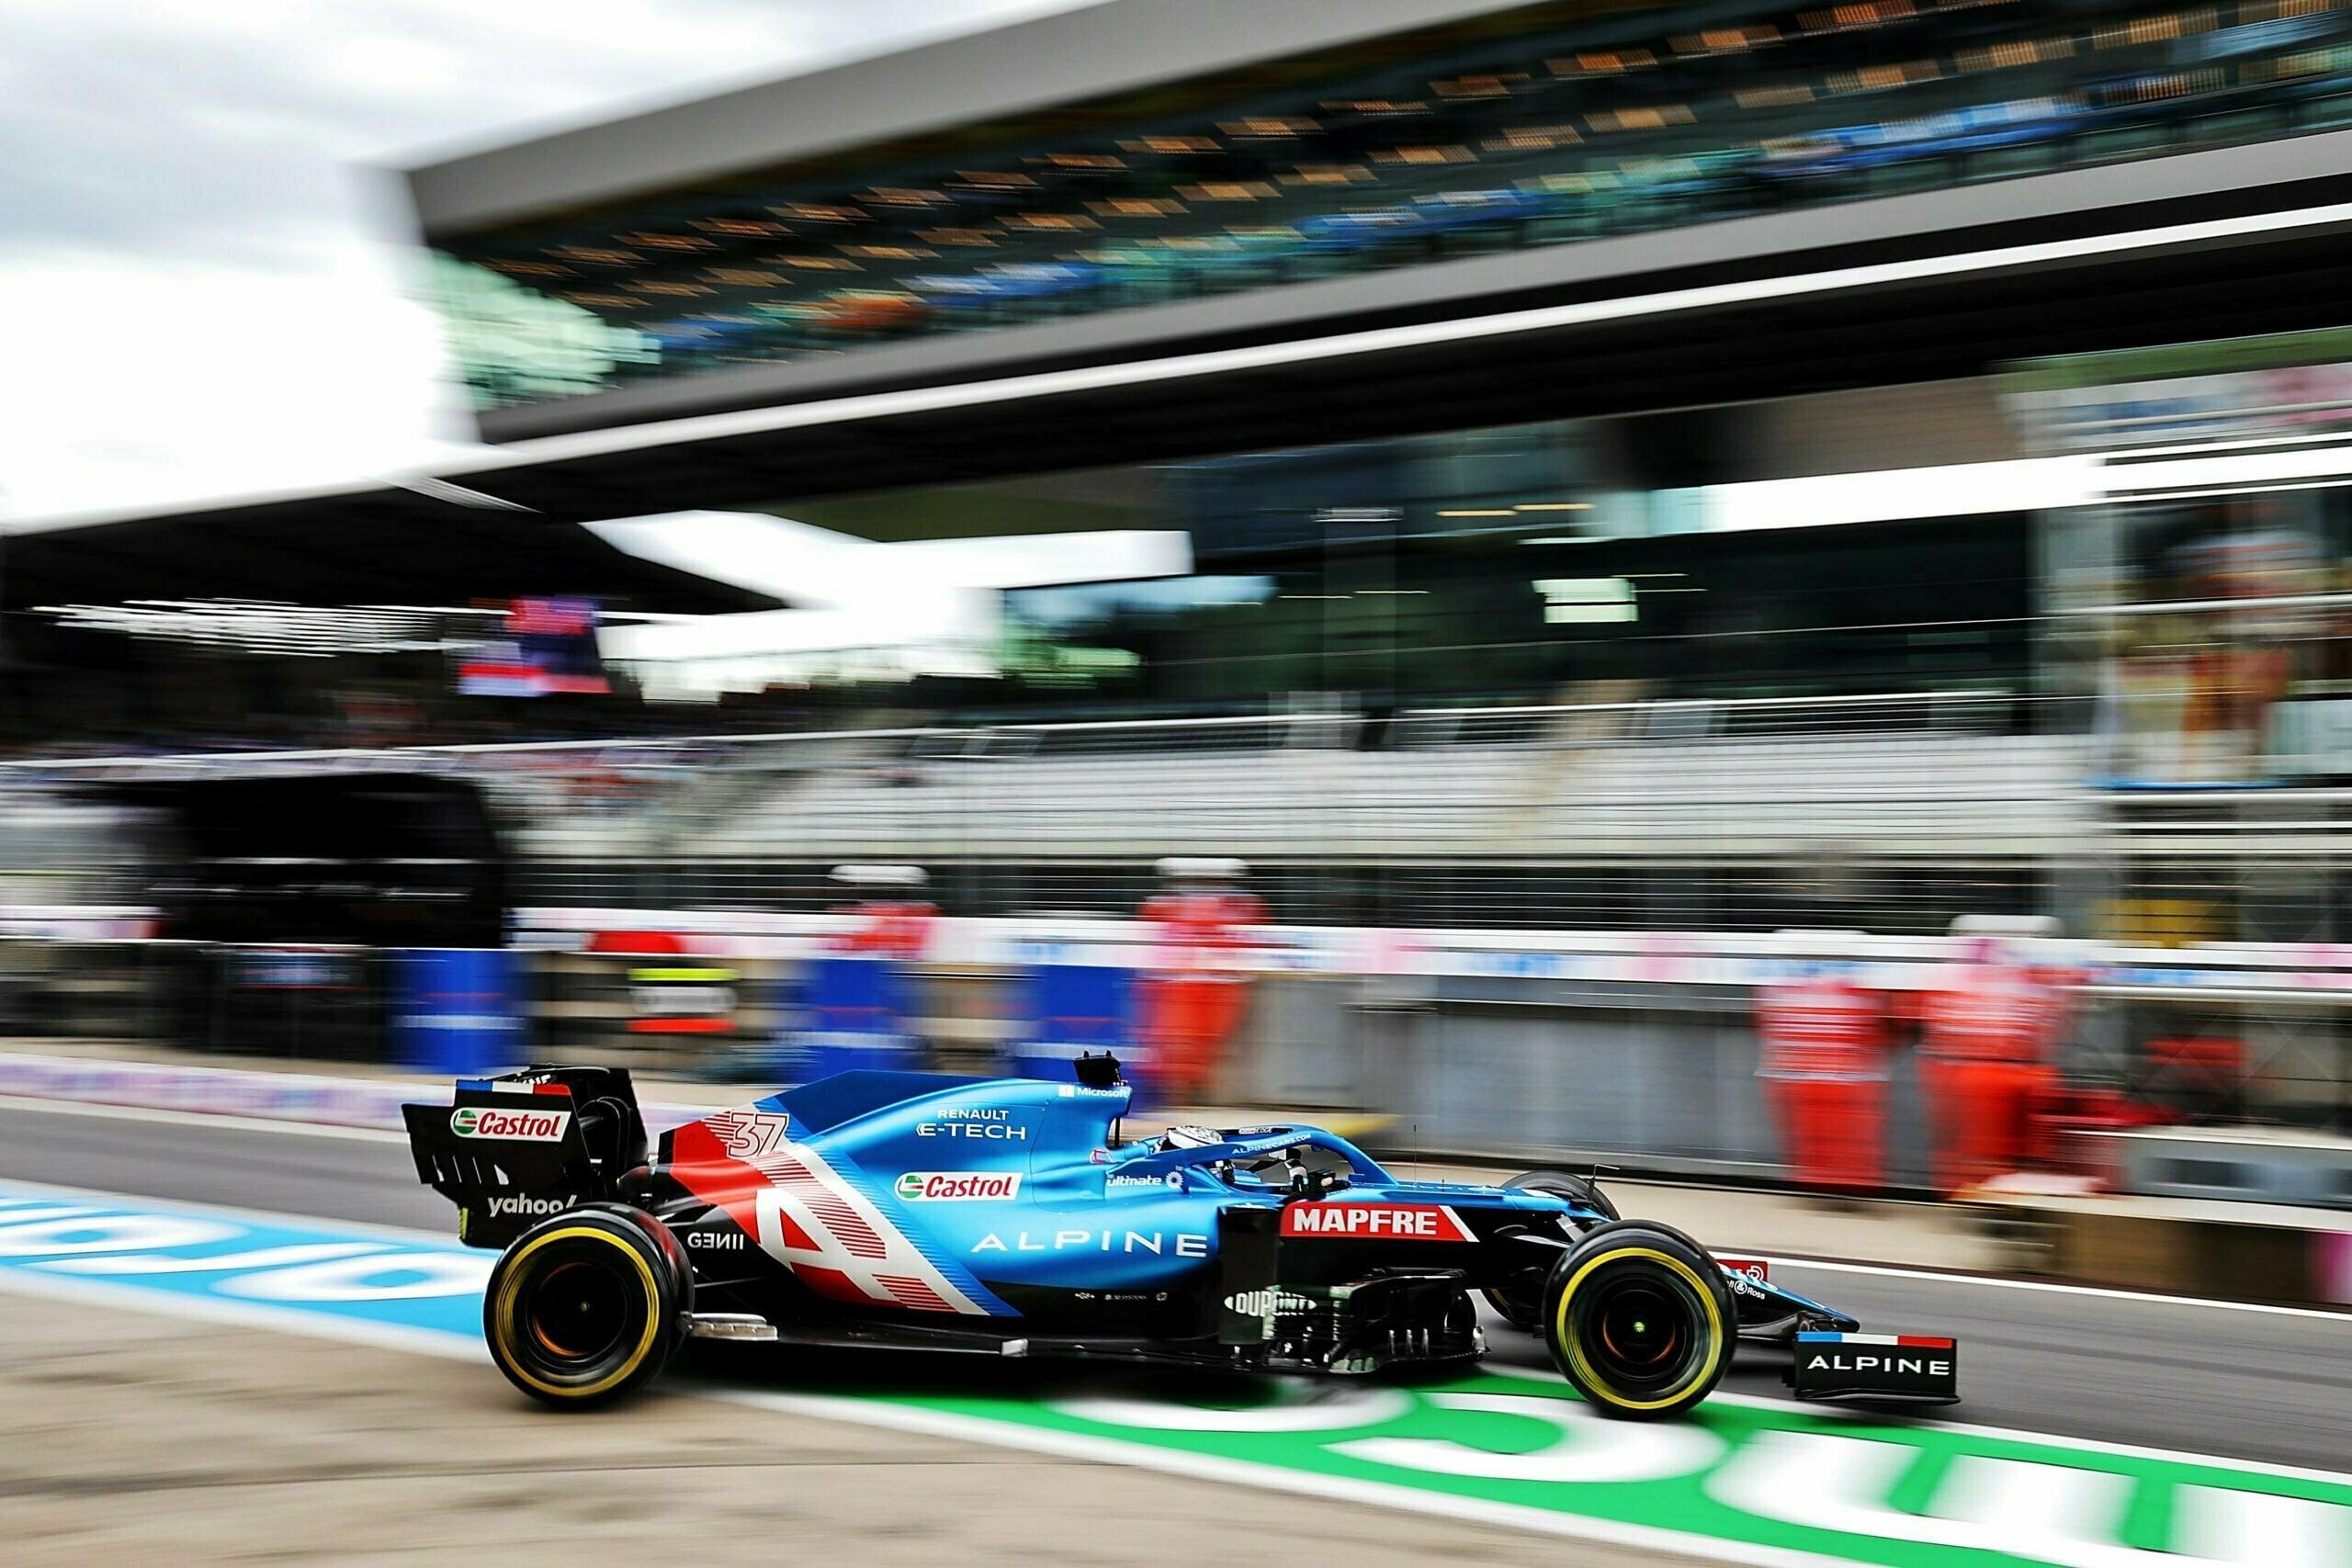 Alpine F1 Alonso Ocon A521 GP Autriche Spielberg 2021 24 scaled | Alpine F1 assure une séance d'essais studieuse au Grand-Prix d'Autriche